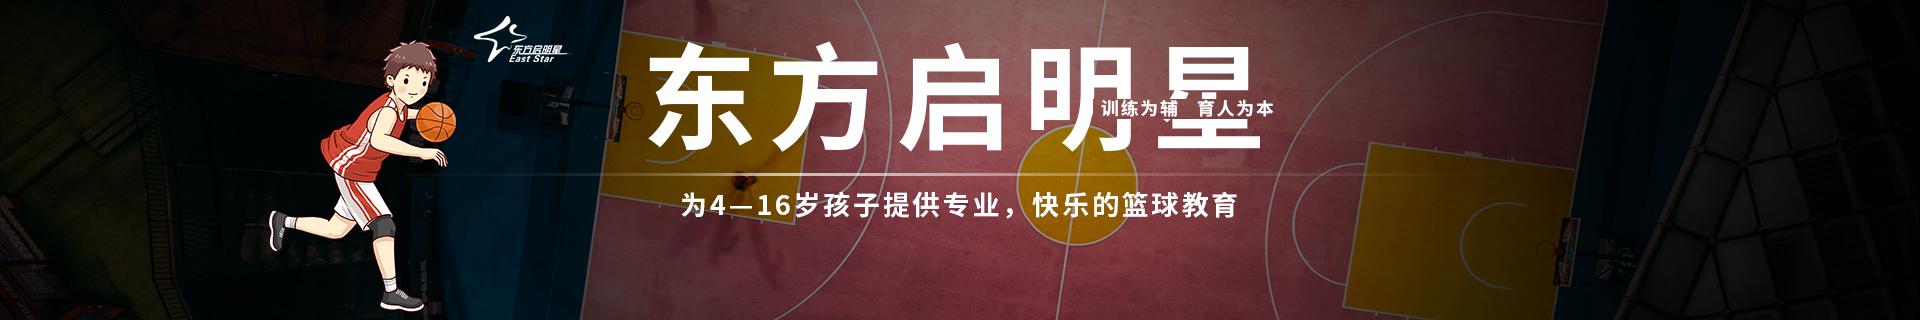 北京昌平区东方启明星回龙观中学校区